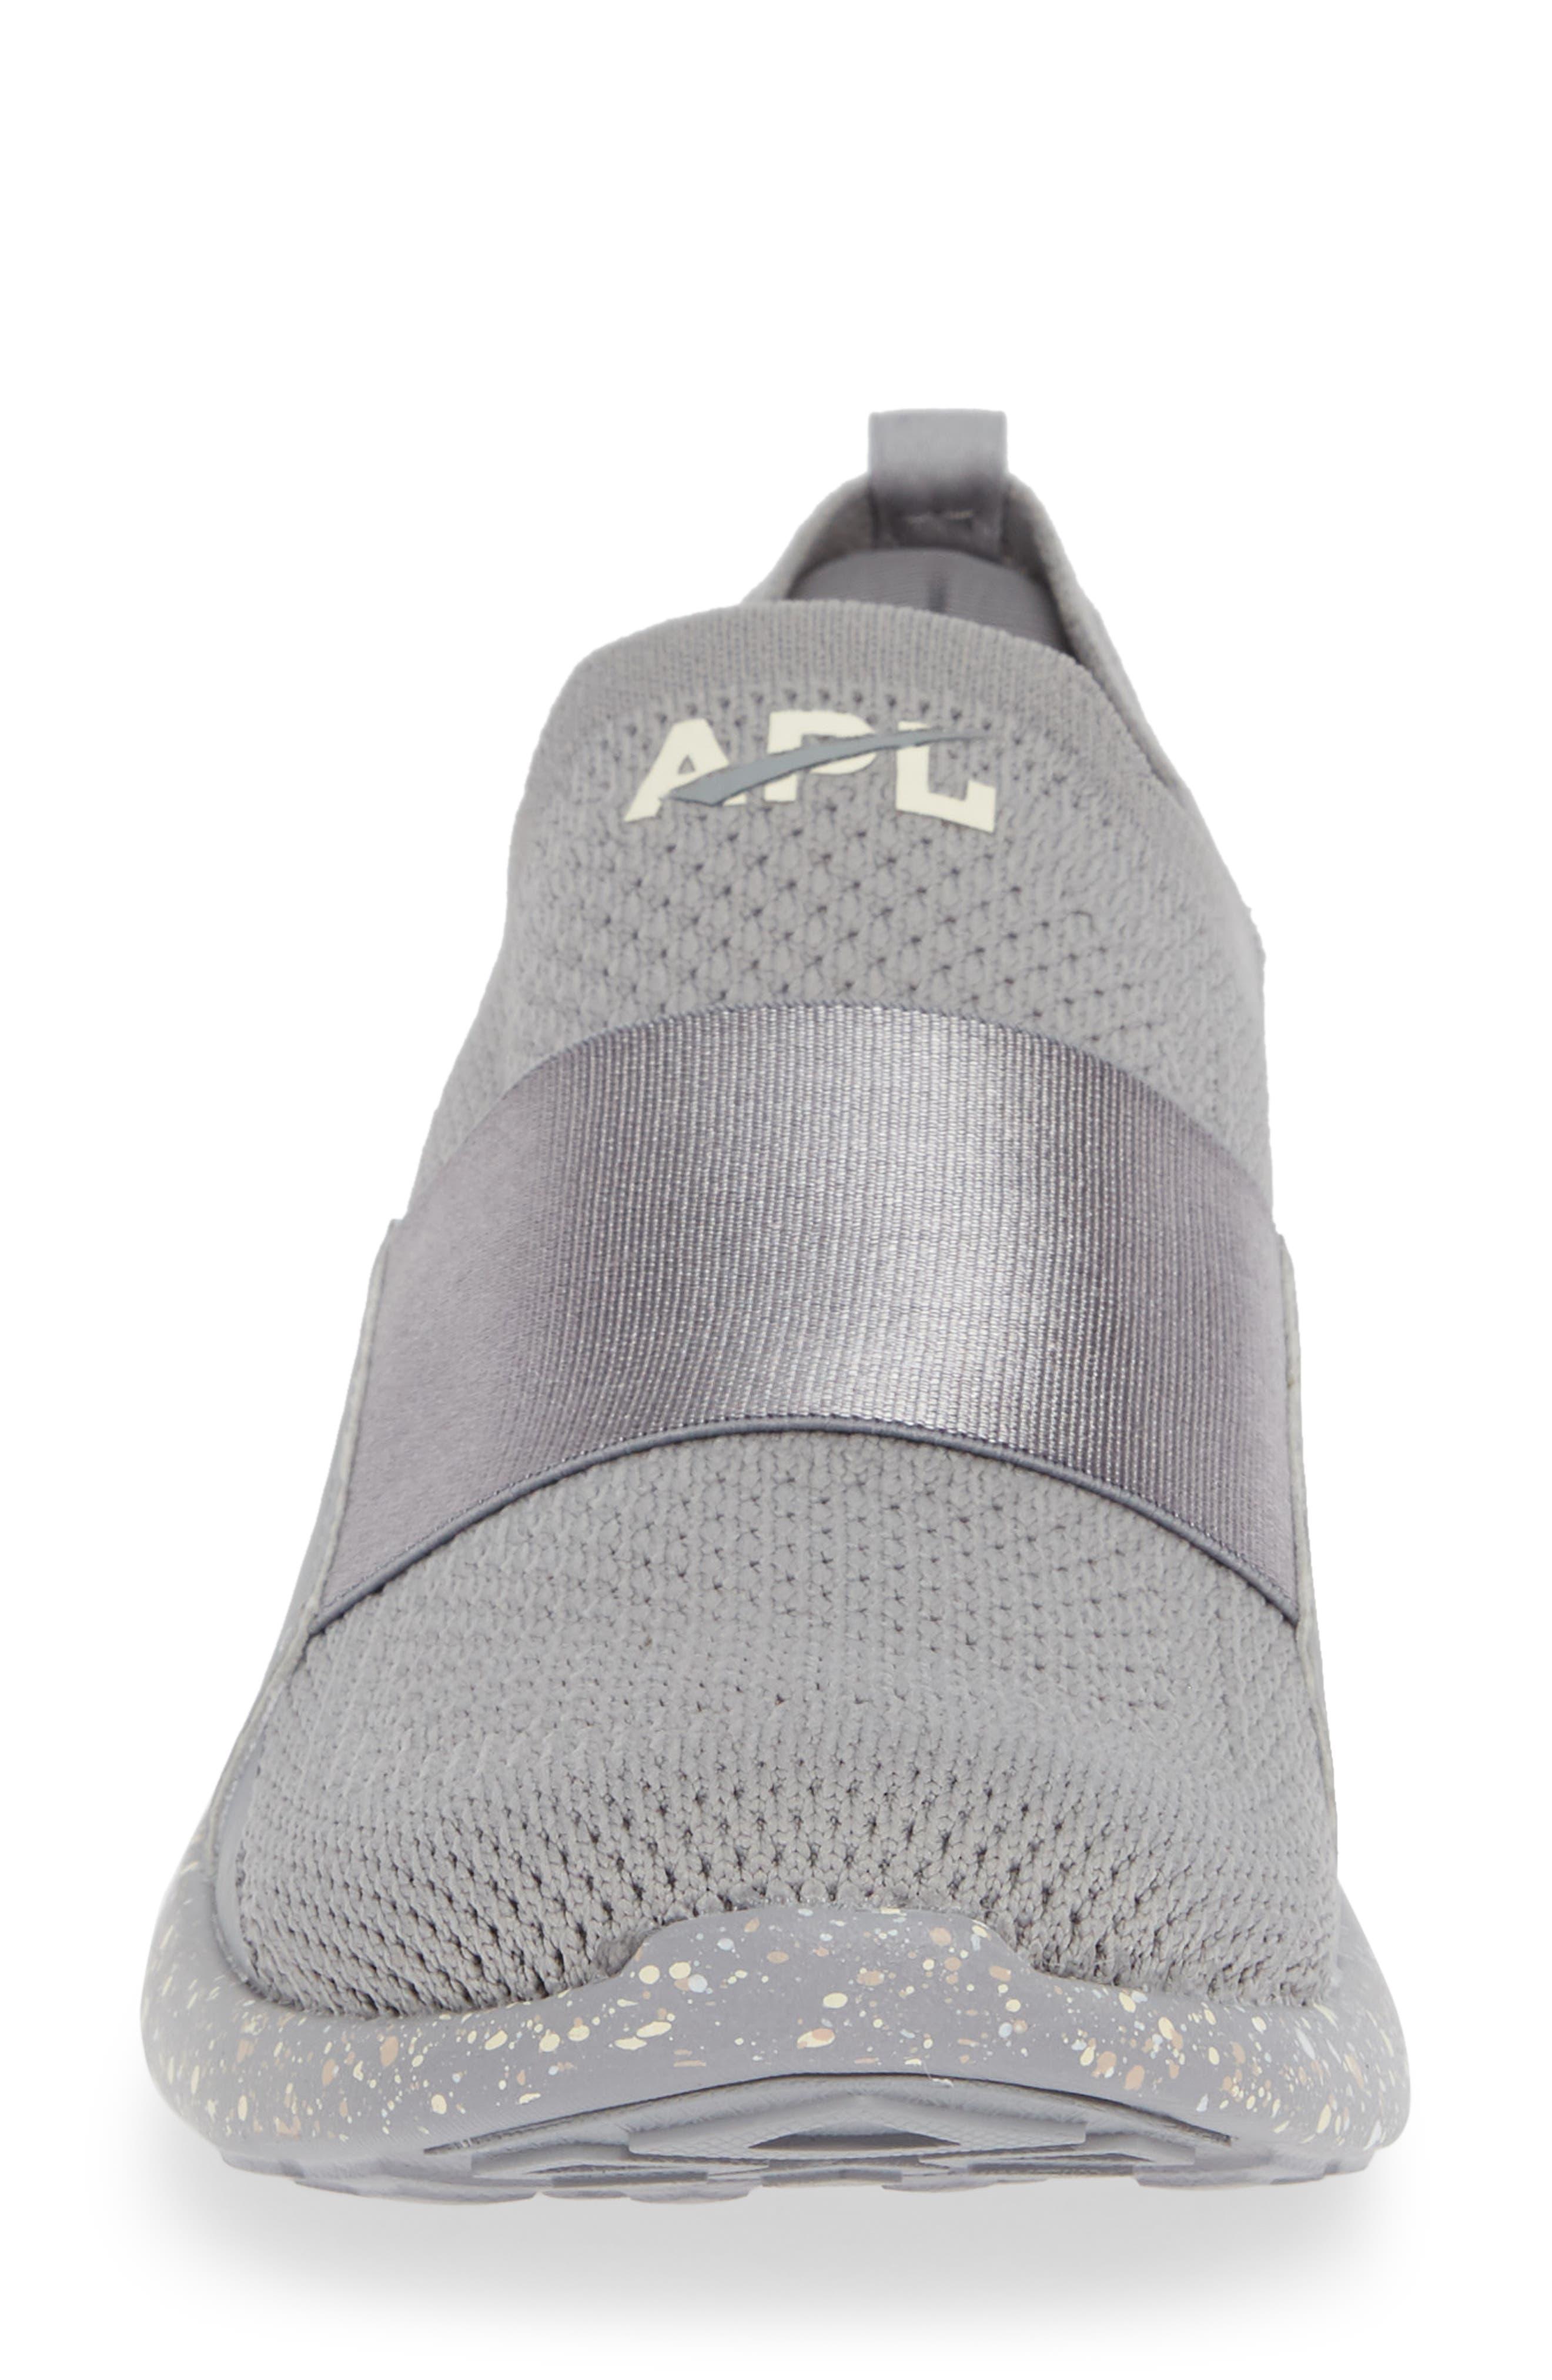 APL,                             Techloom Bliss Knit Running Shoe,                             Alternate thumbnail 4, color,                             CEMENT/ SEA SALT/ CREAM